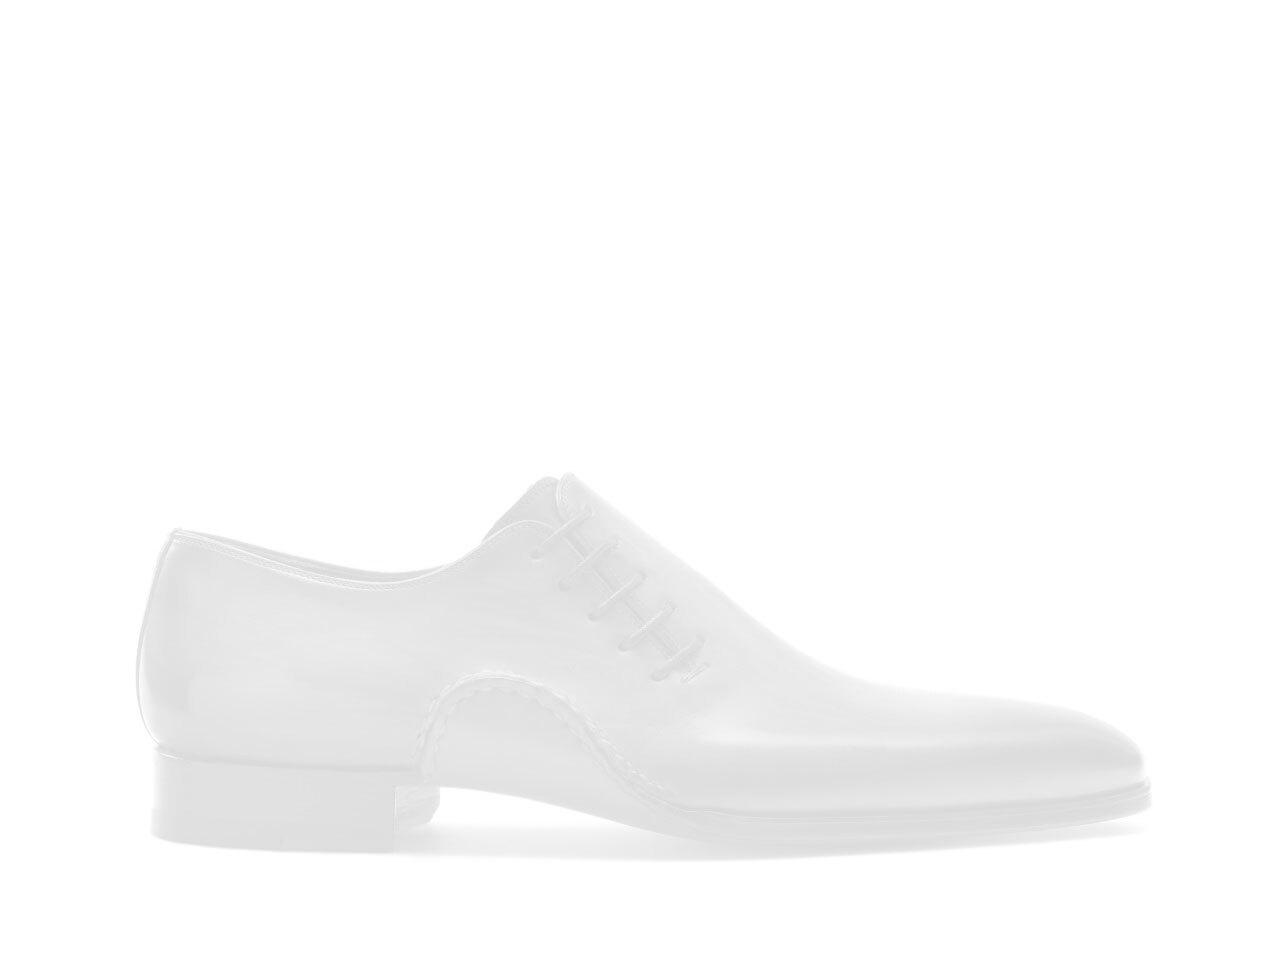 Cuero brown single monk strap shoes for men - Magnanni